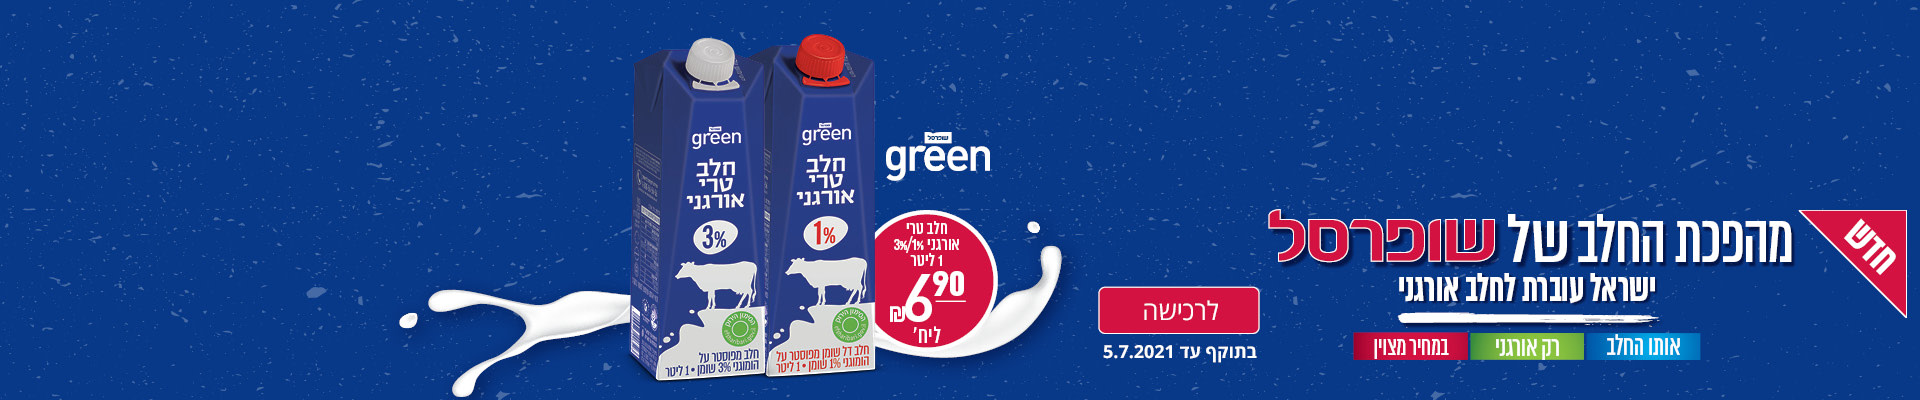 חדש מהפכת החלב של שופרסל ישראל עוברת לחלב אורגני אותו חלב רק אורגני במחיר מצויין שופרסל GREEN  חלב טרי אורגני 3%/1% 1 ליטר 6.90 ₪ ליח' לרכישה בתוקף עד 5.7.2021